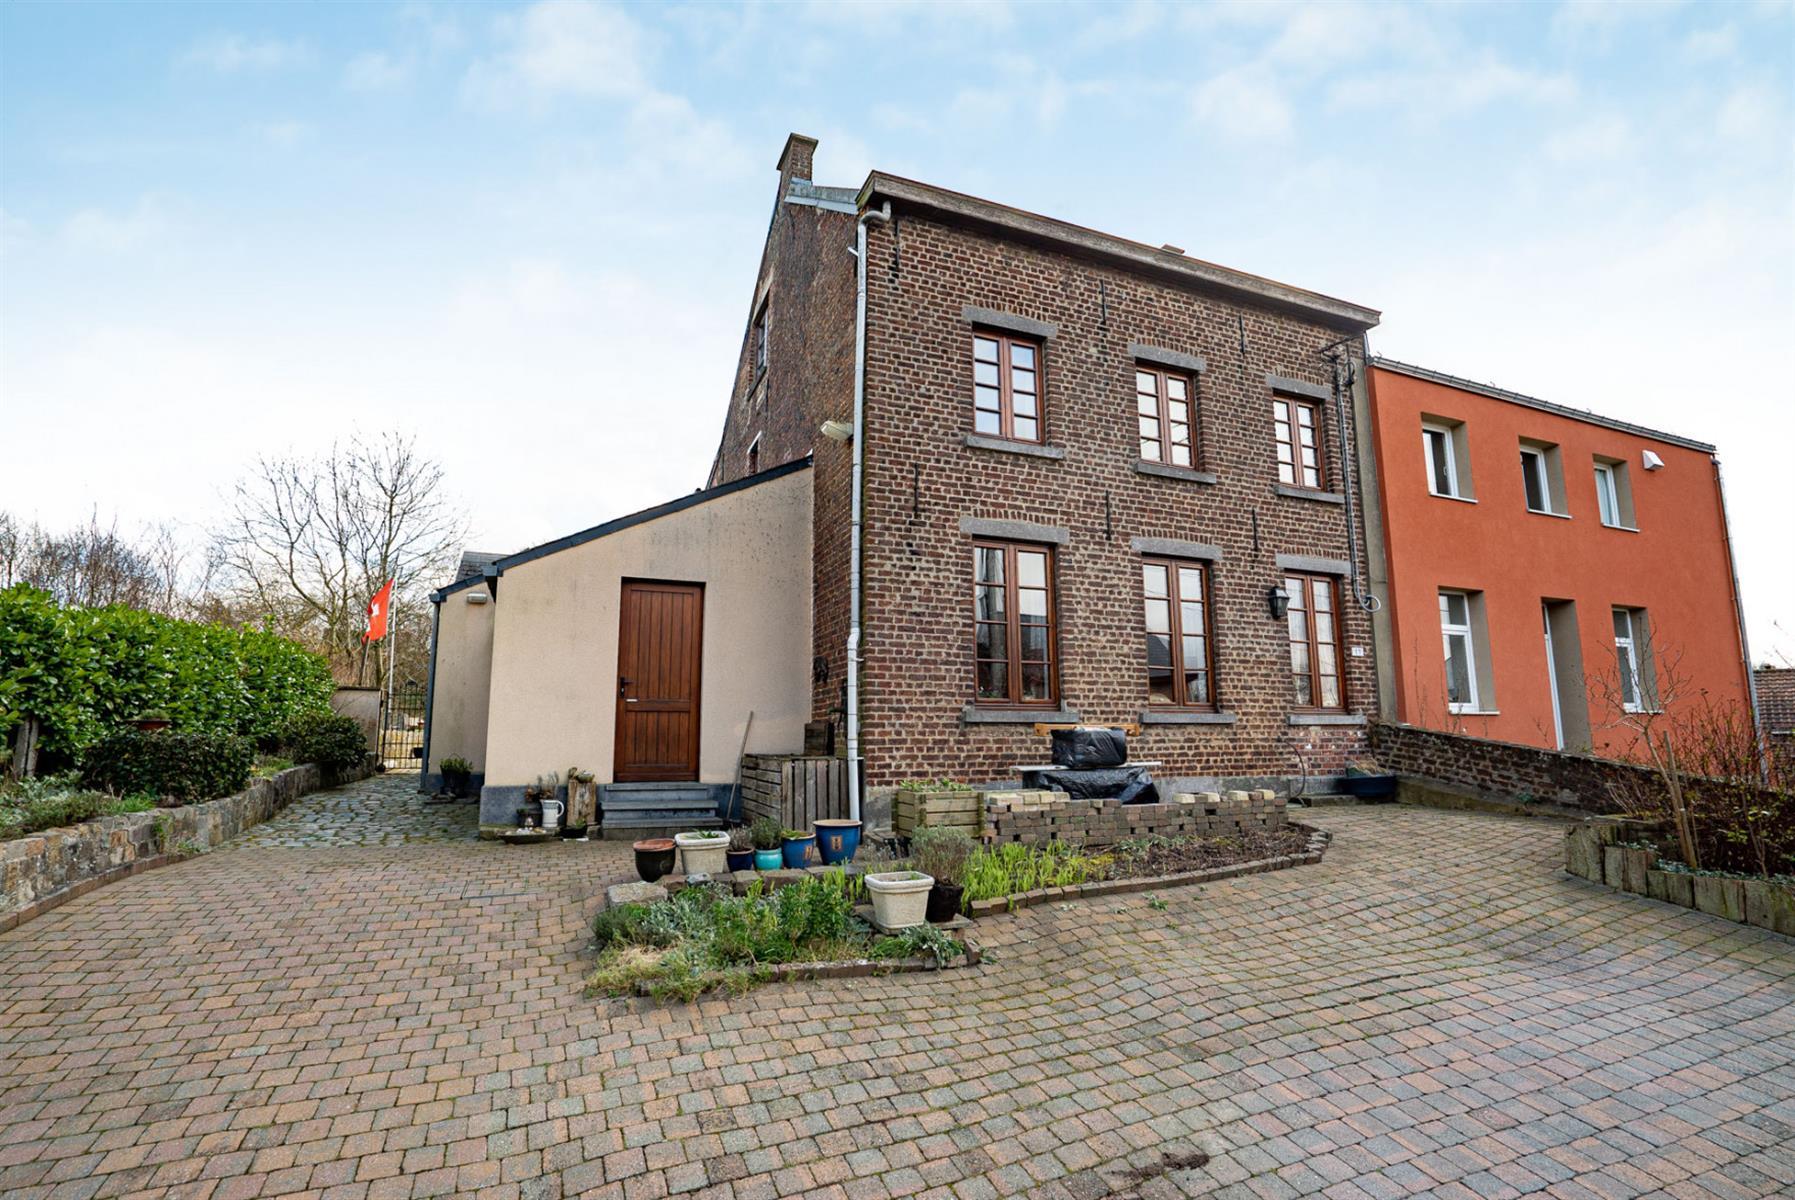 Maison - Mont-Saint-Guibert - #3970483-0